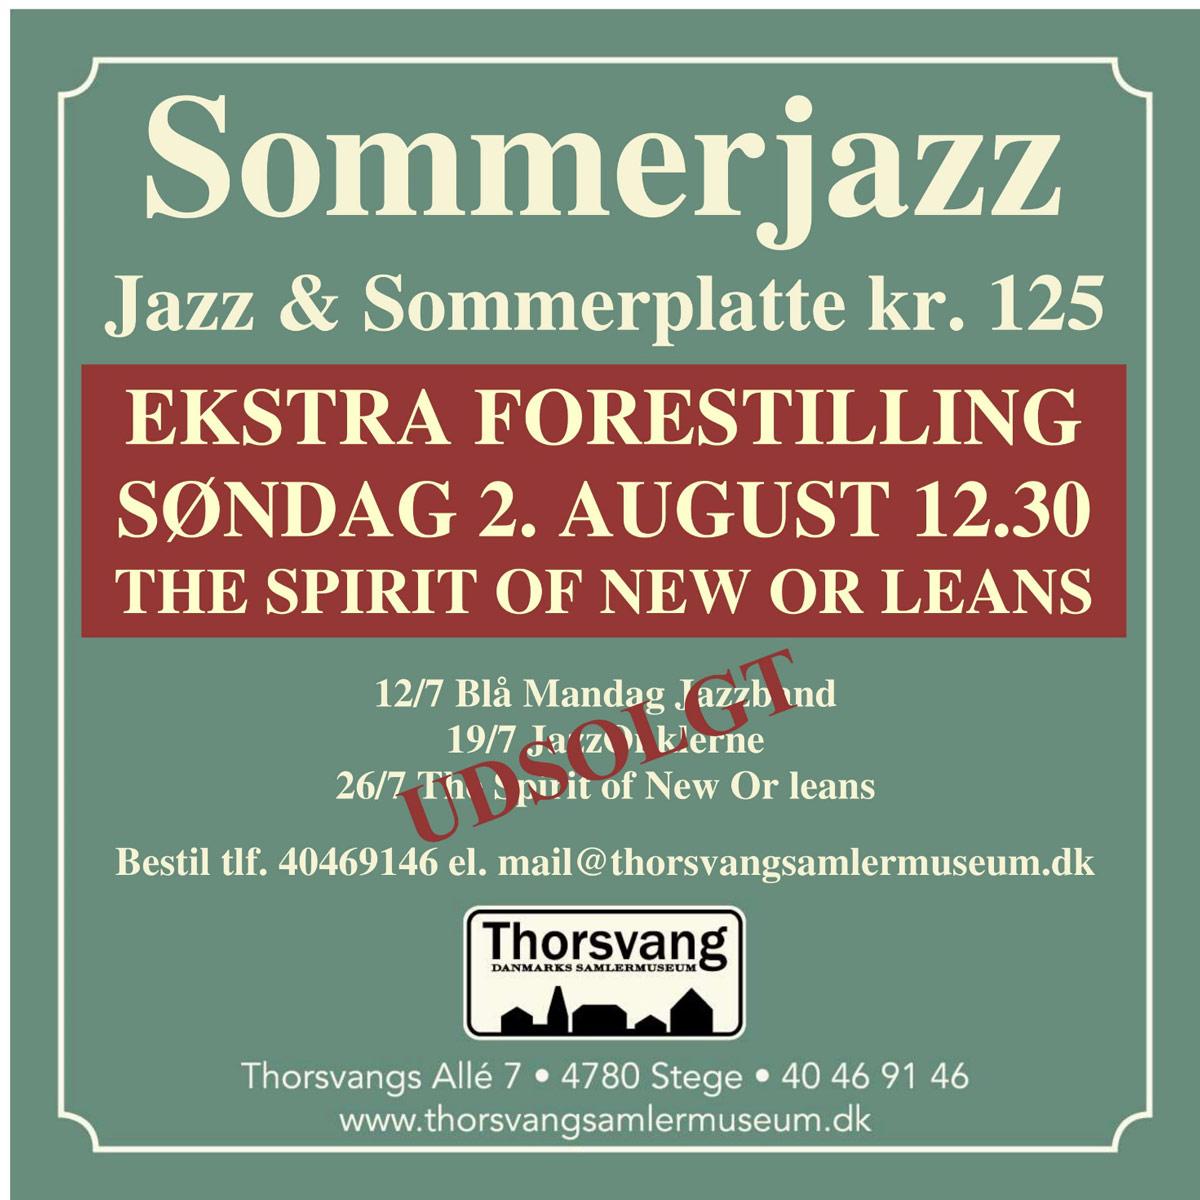 Thorsvang-sommerjazz-Ekstra-forestillng